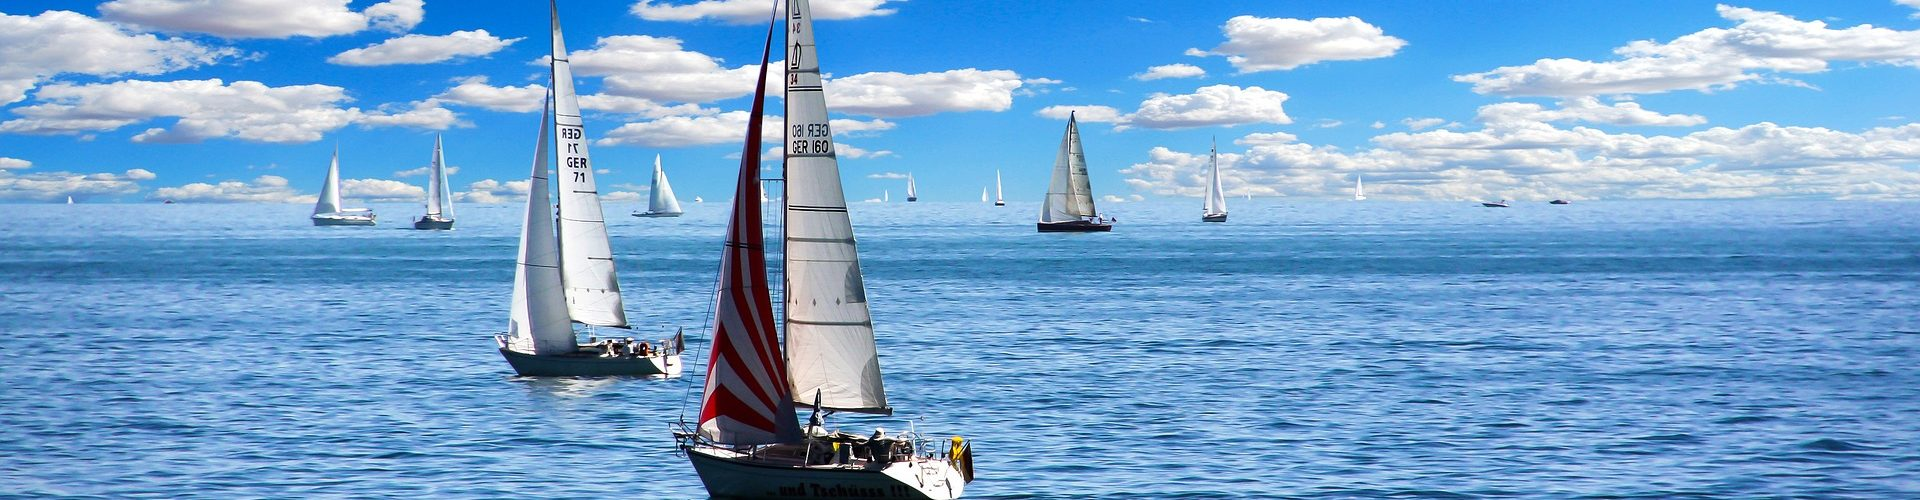 segeln lernen in Köthen segelschein machen in Köthen 1920x500 - Segeln lernen in Köthen